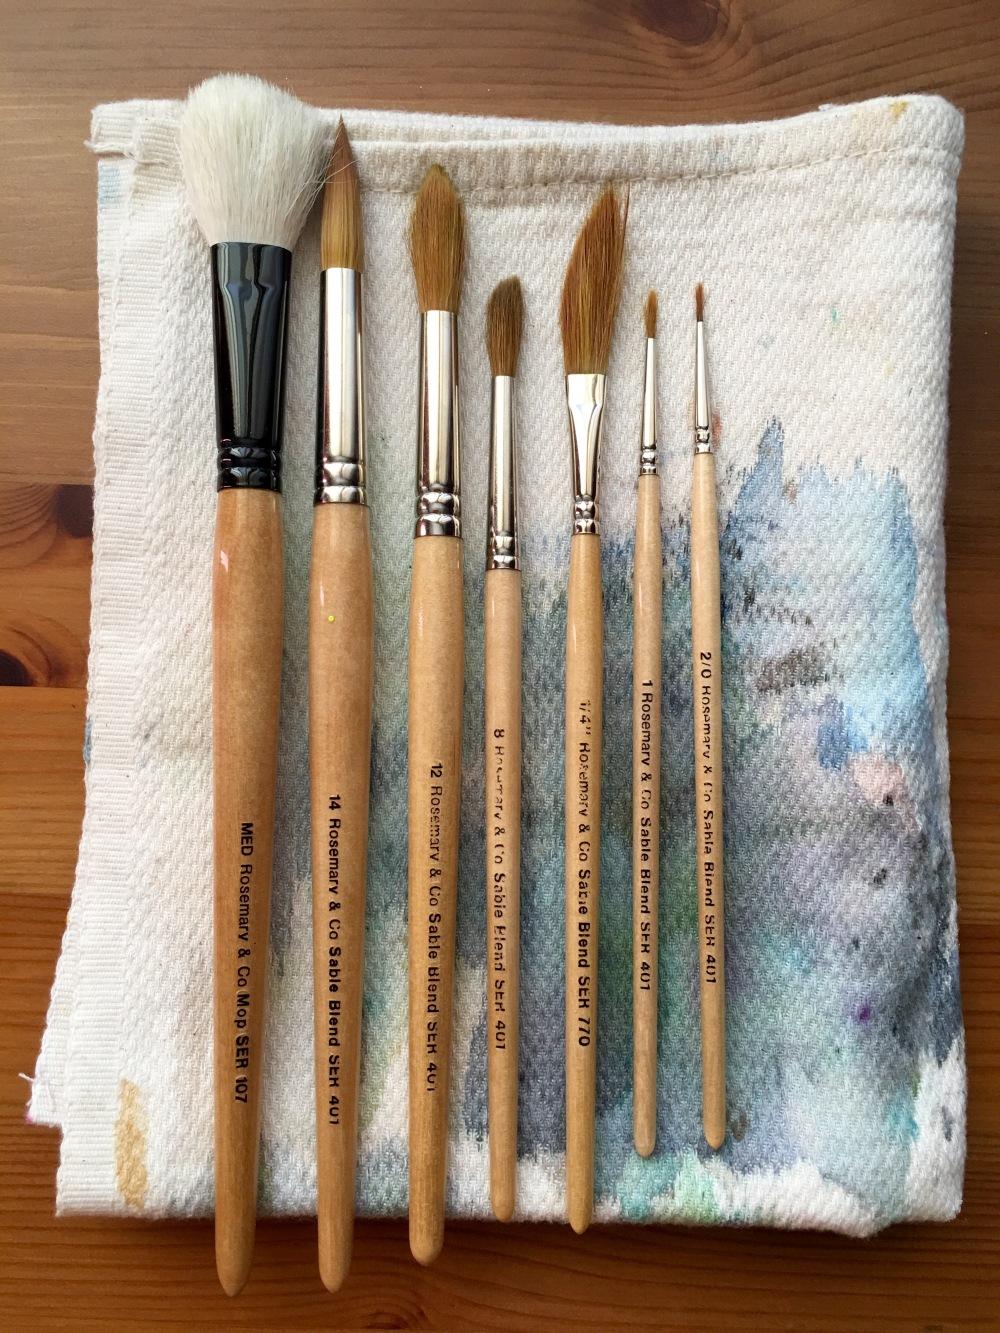 Rosemanry & Co. brushes, series 401 abd 107